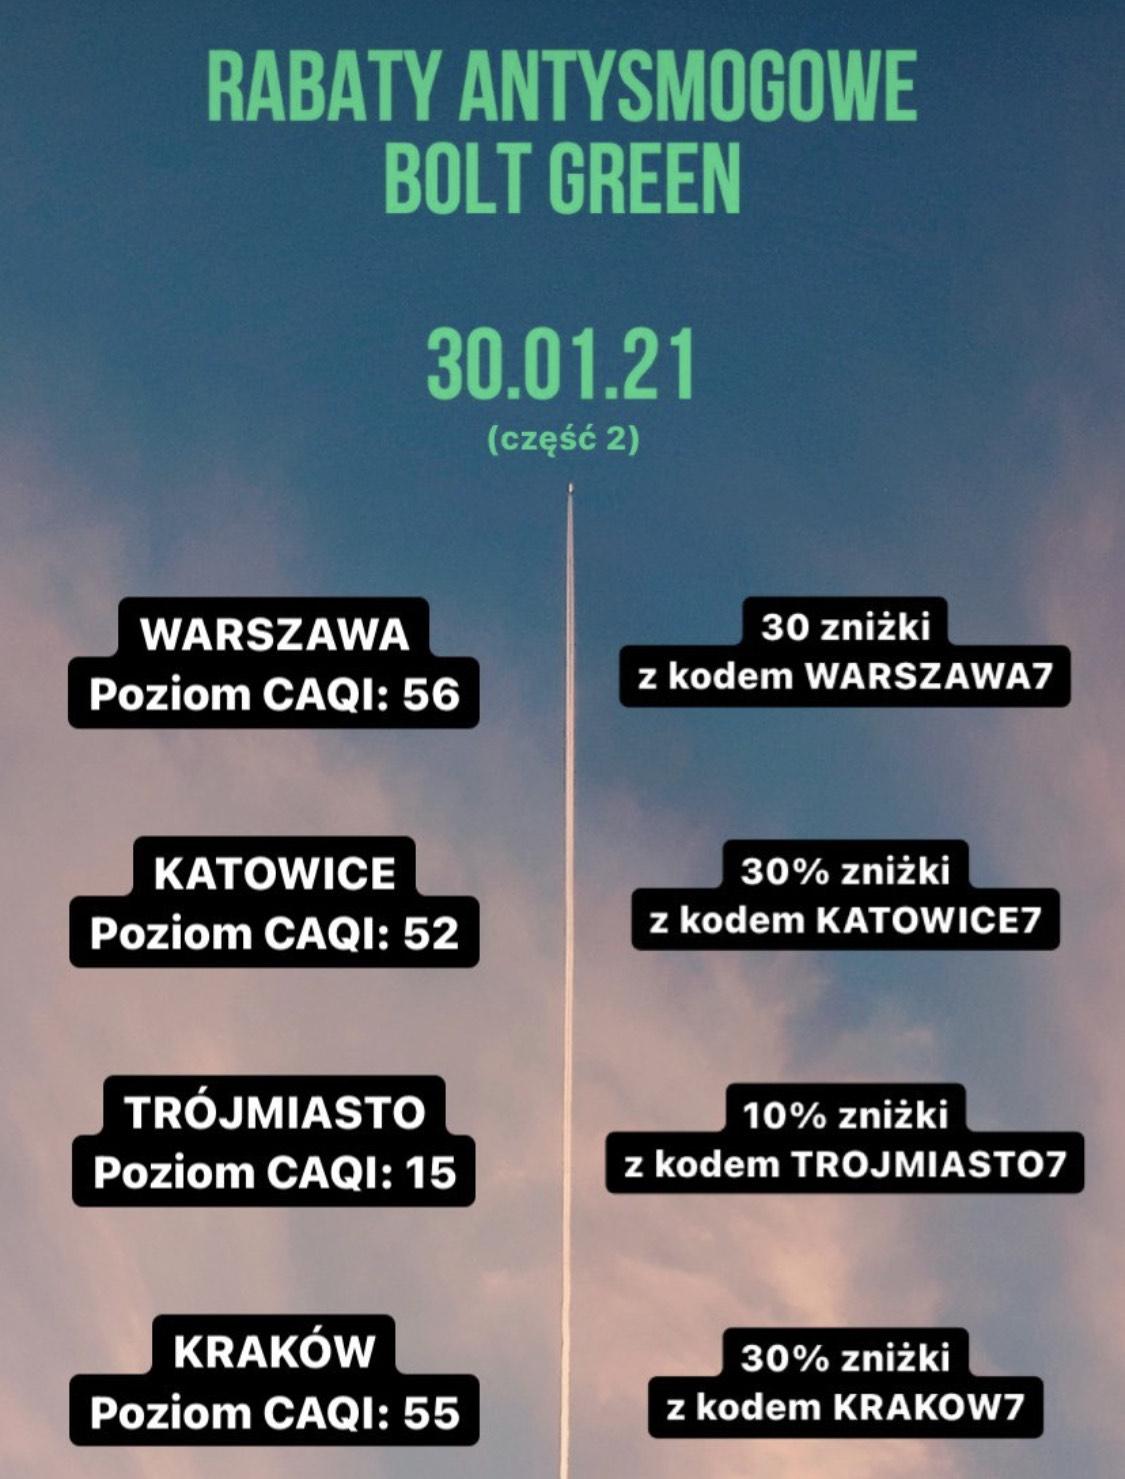 Bolt - kody zniżkowe od 10% do 30%